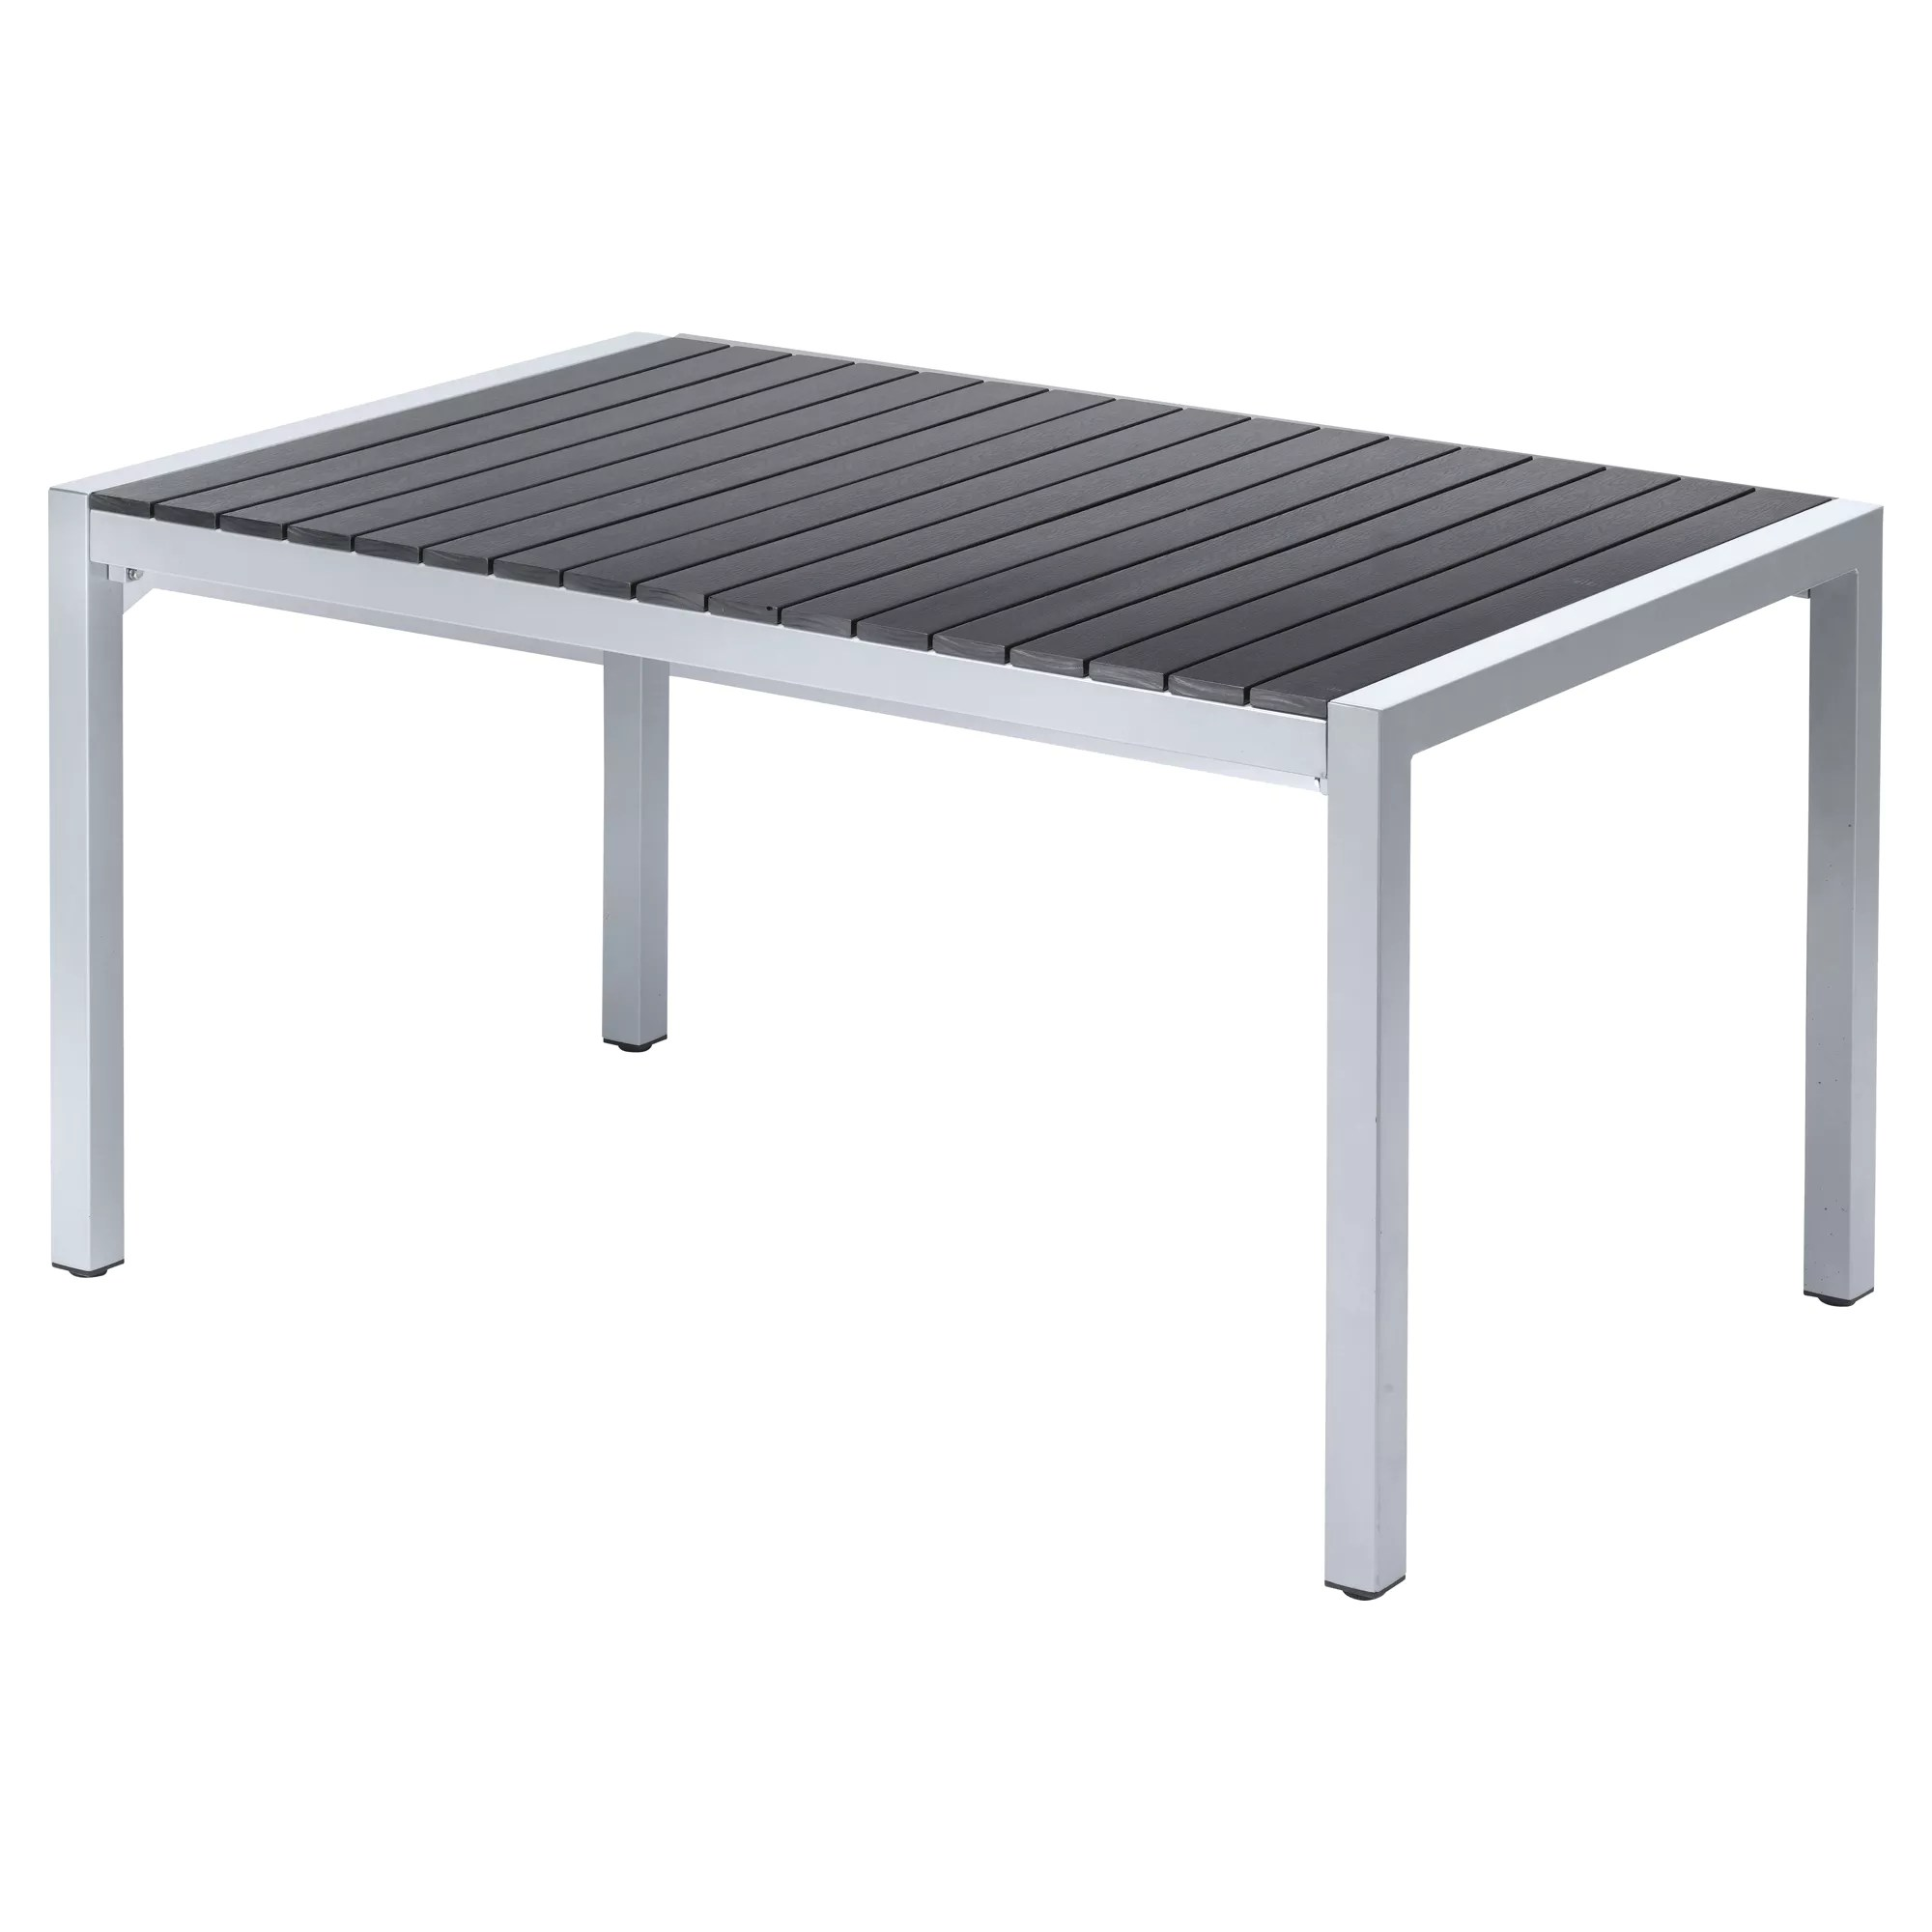 Gartentisch 100 X 60 Luxus Gartentisch Tisch Esstisch